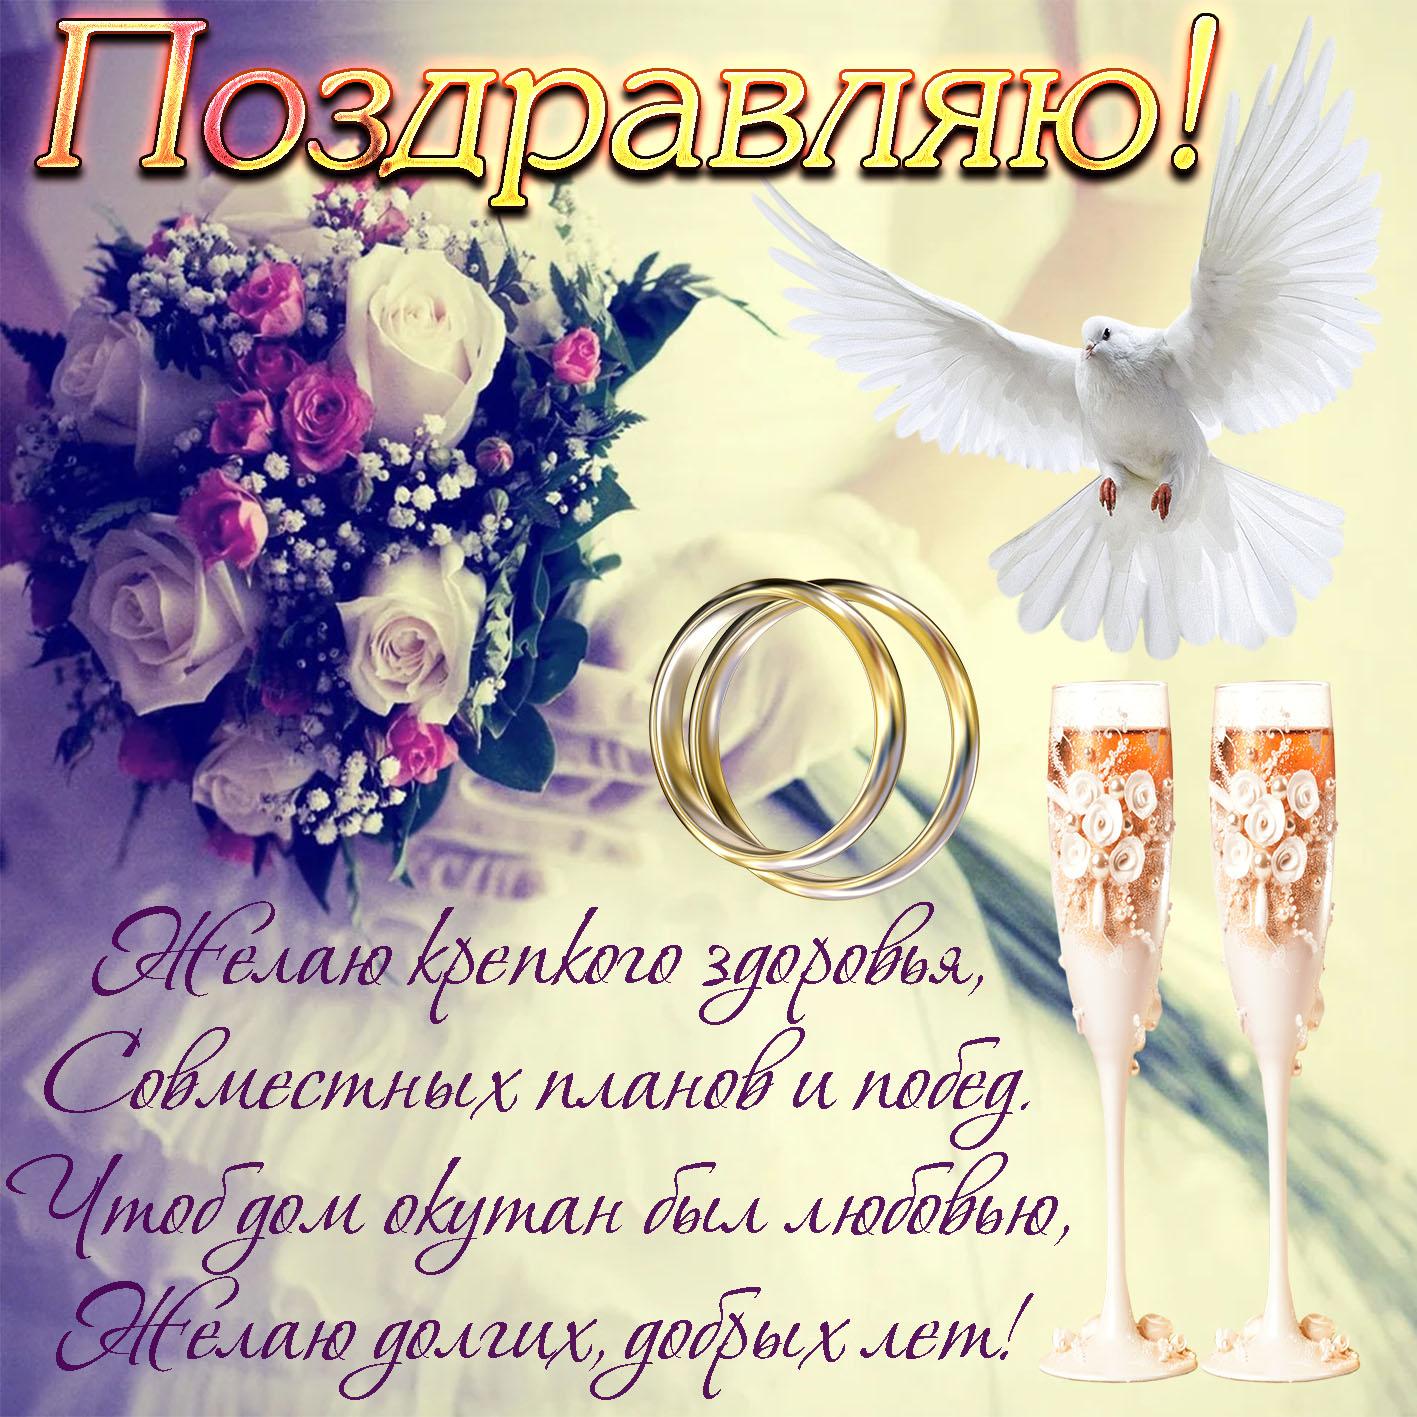 Открытка с годовщиной свадьбы - белый голубь и букет цветов в руках